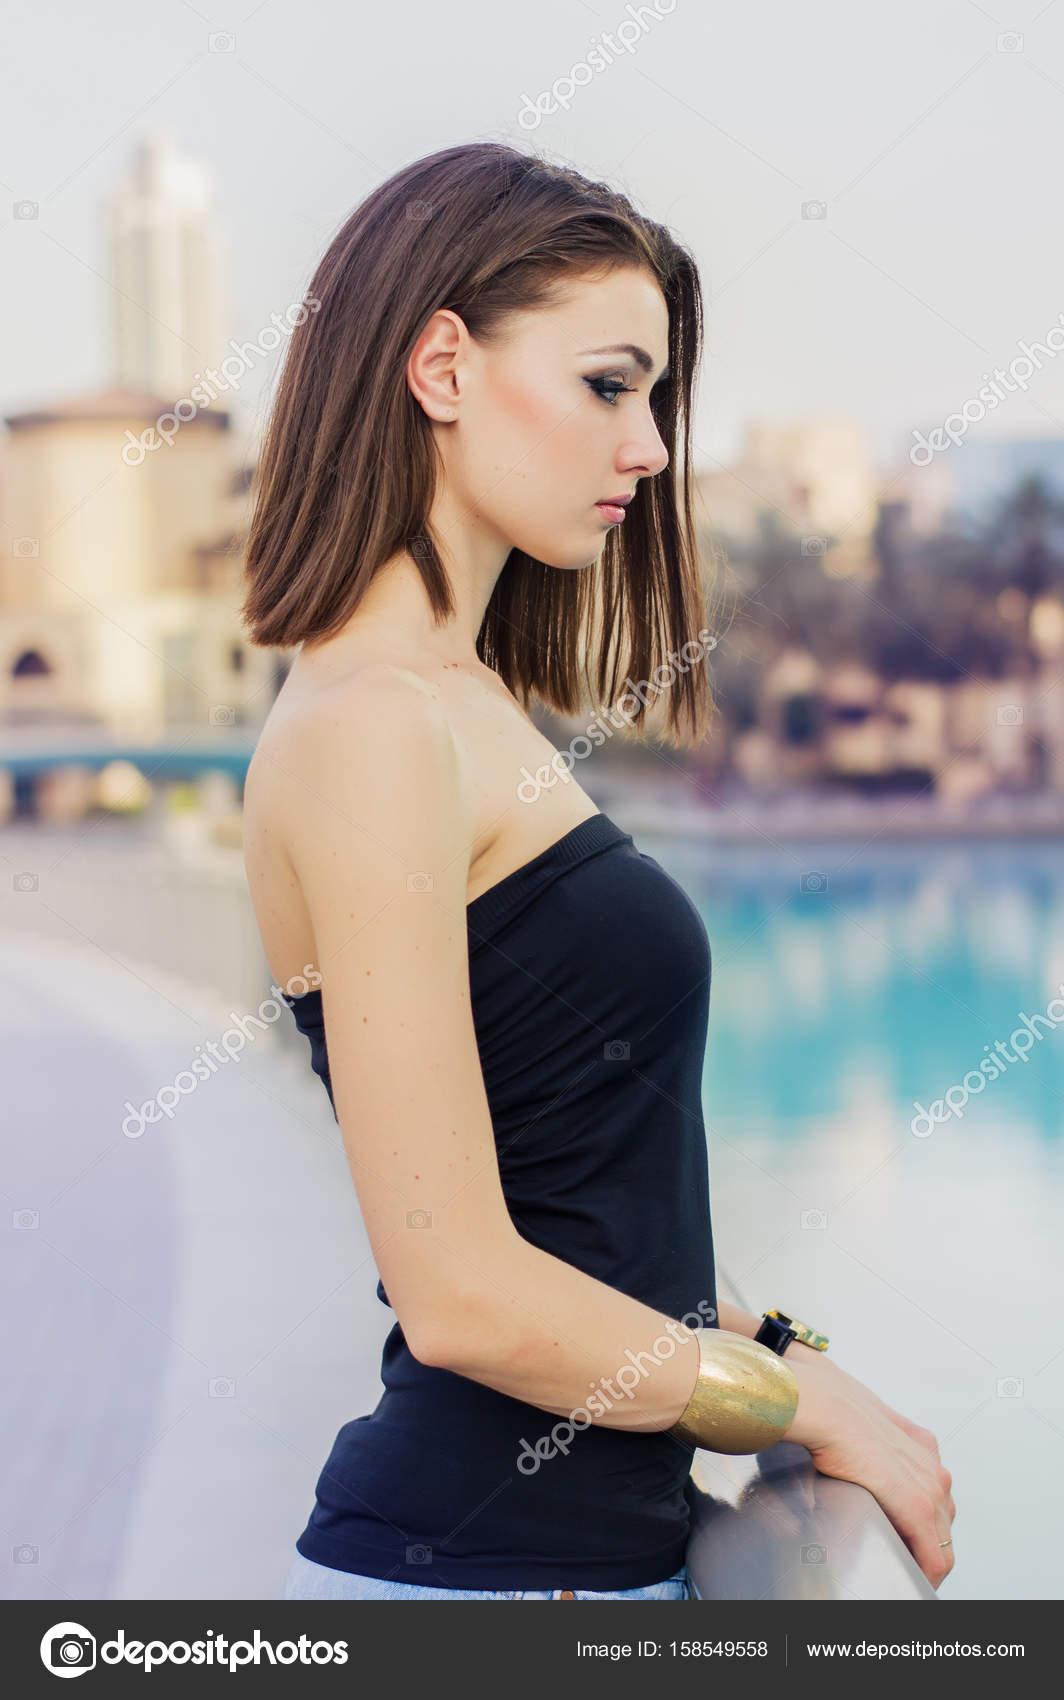 34a6a6040663 Ritratto verticale della giovane donna europea nella parte superiore nera e  con elegante bob cut — Foto di ...